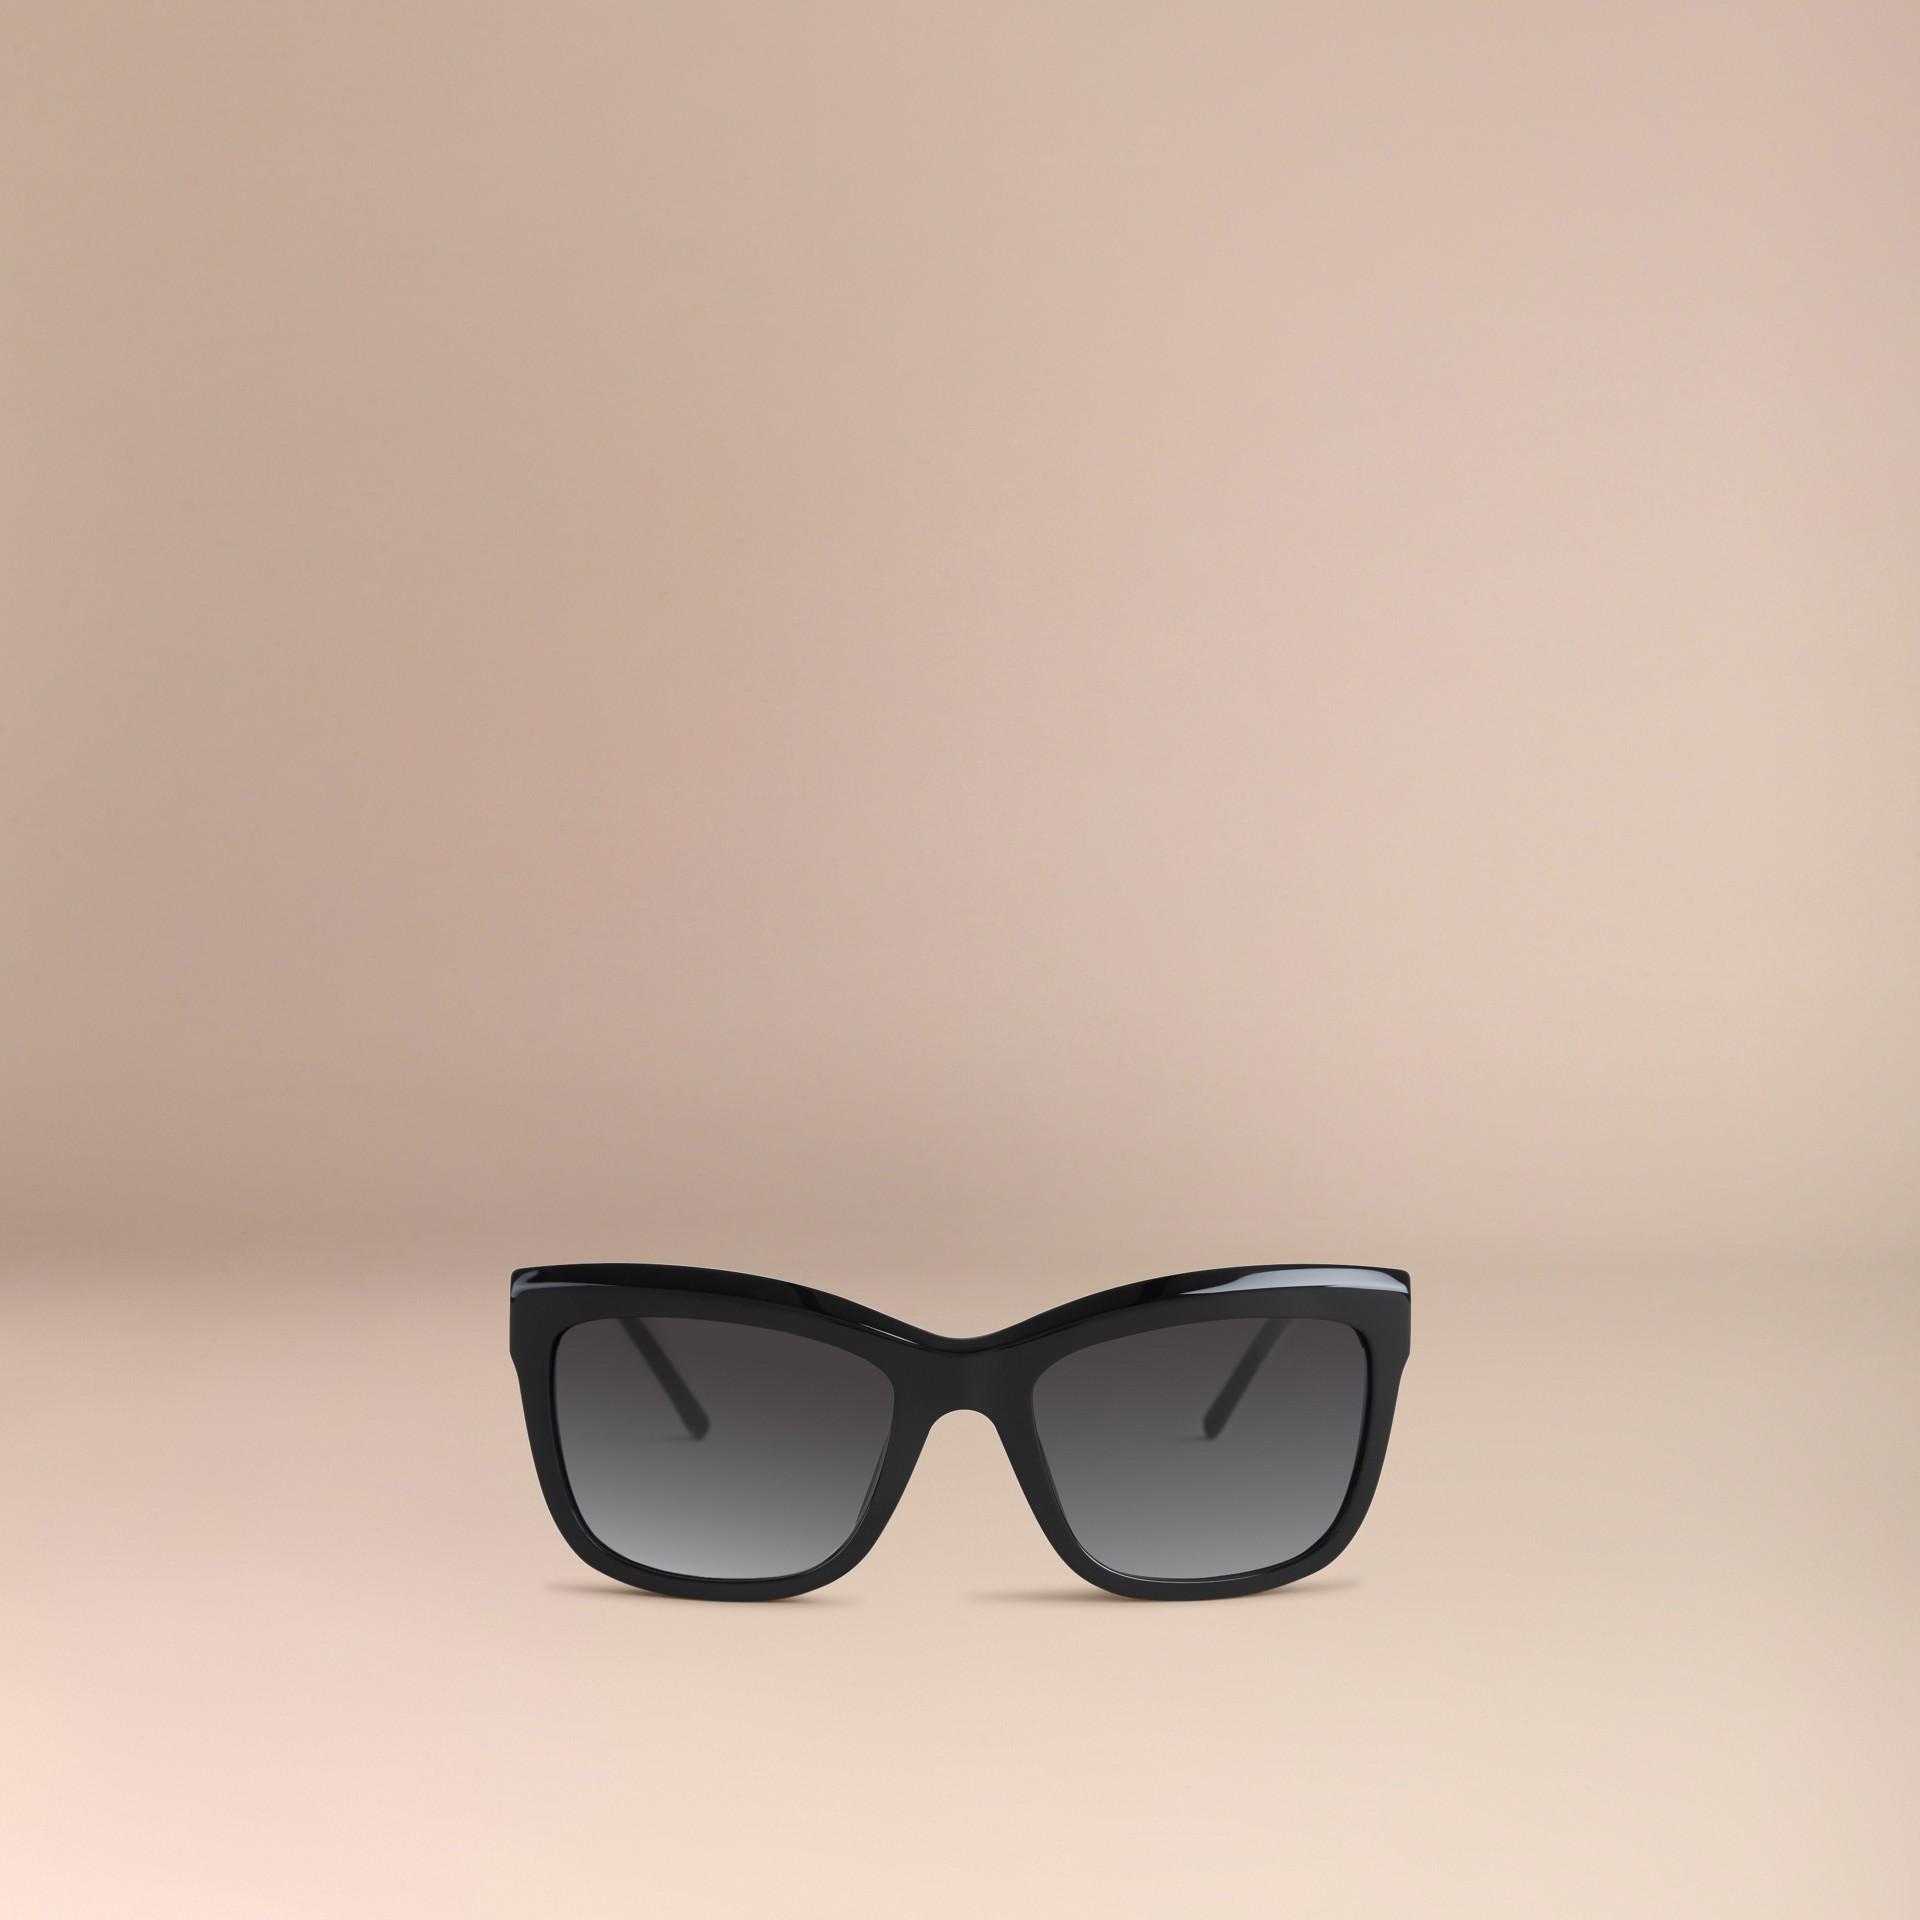 Preto Óculos de sol com armação quadrada da coleção Gabardine Lace Preto - galeria de imagens 3